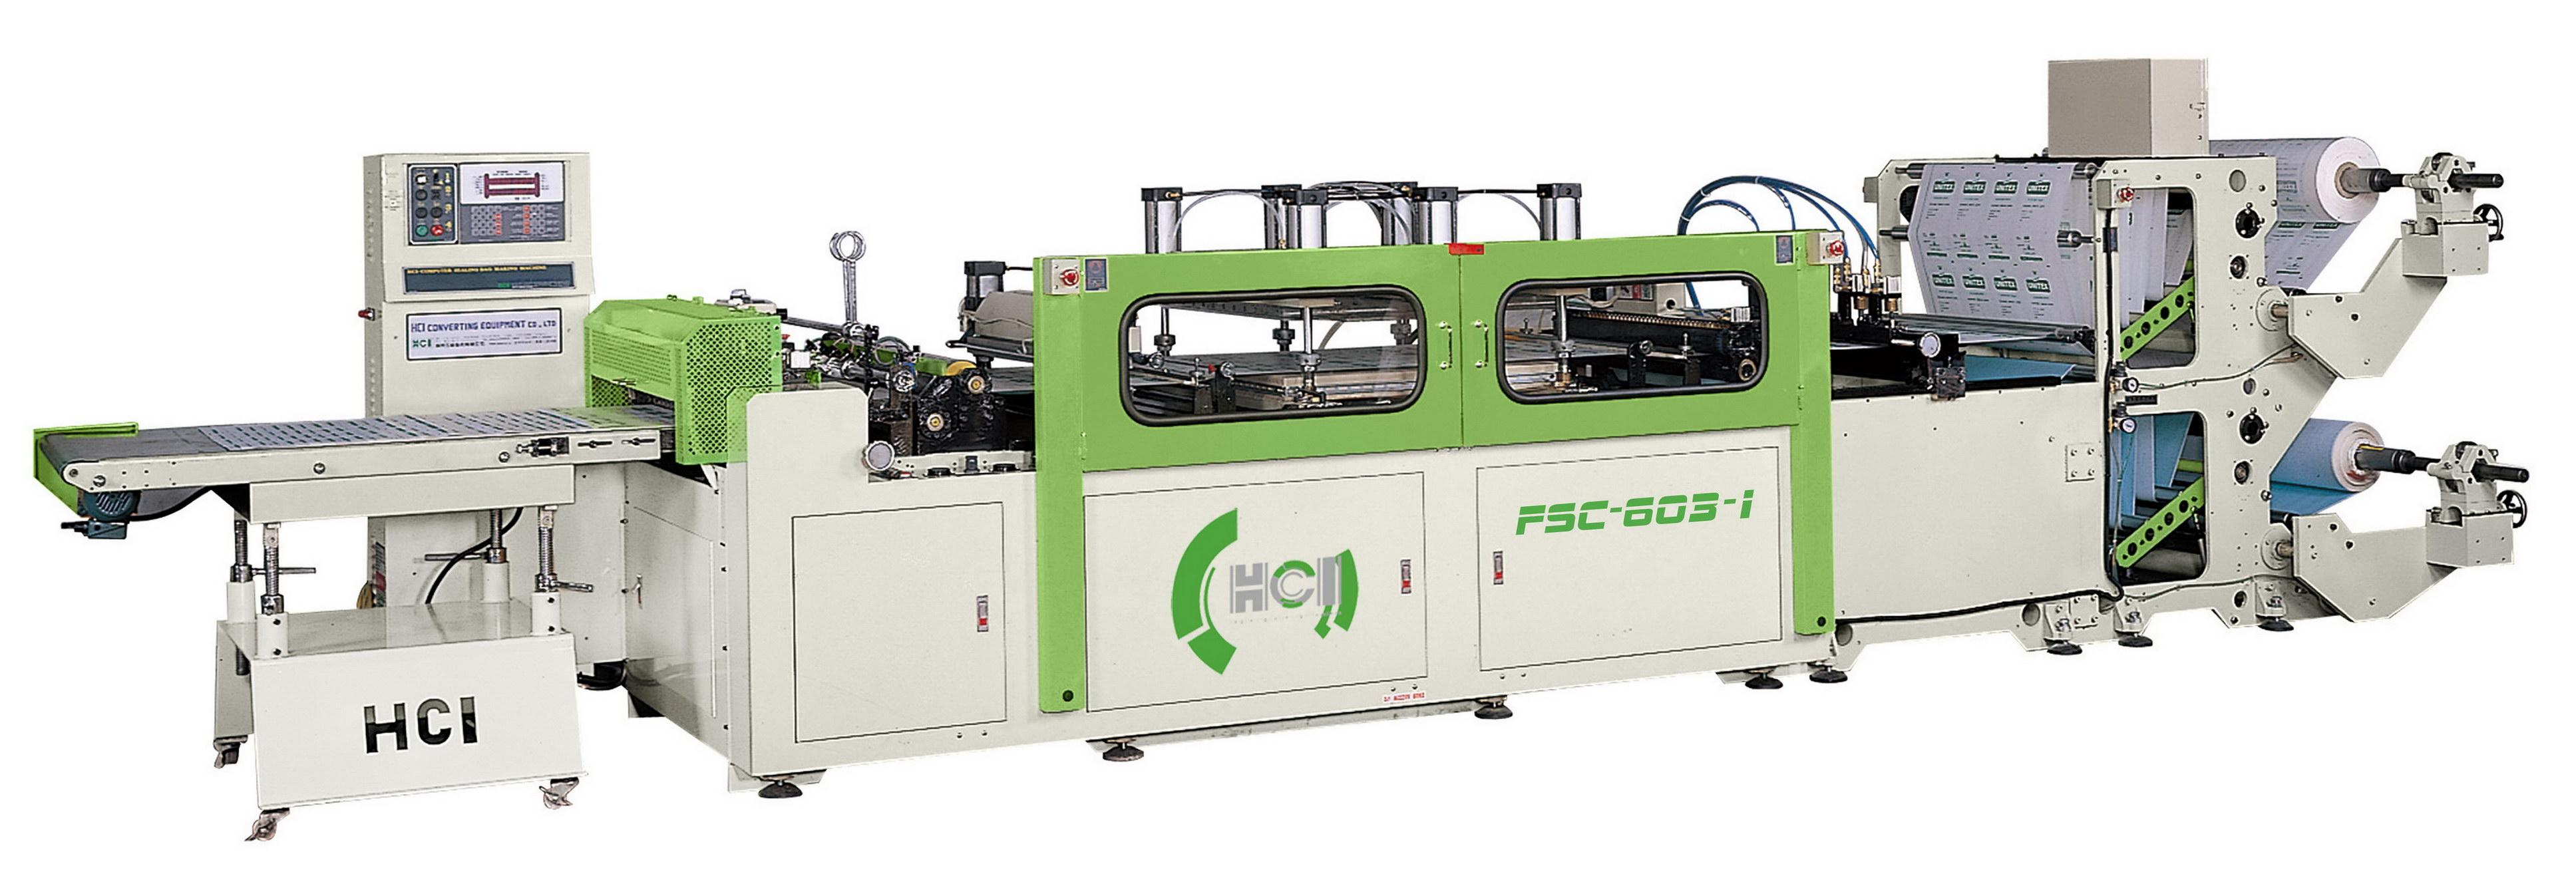 Sac machine à faire de blindage statique Sac & Reel Pouch Stérilisé